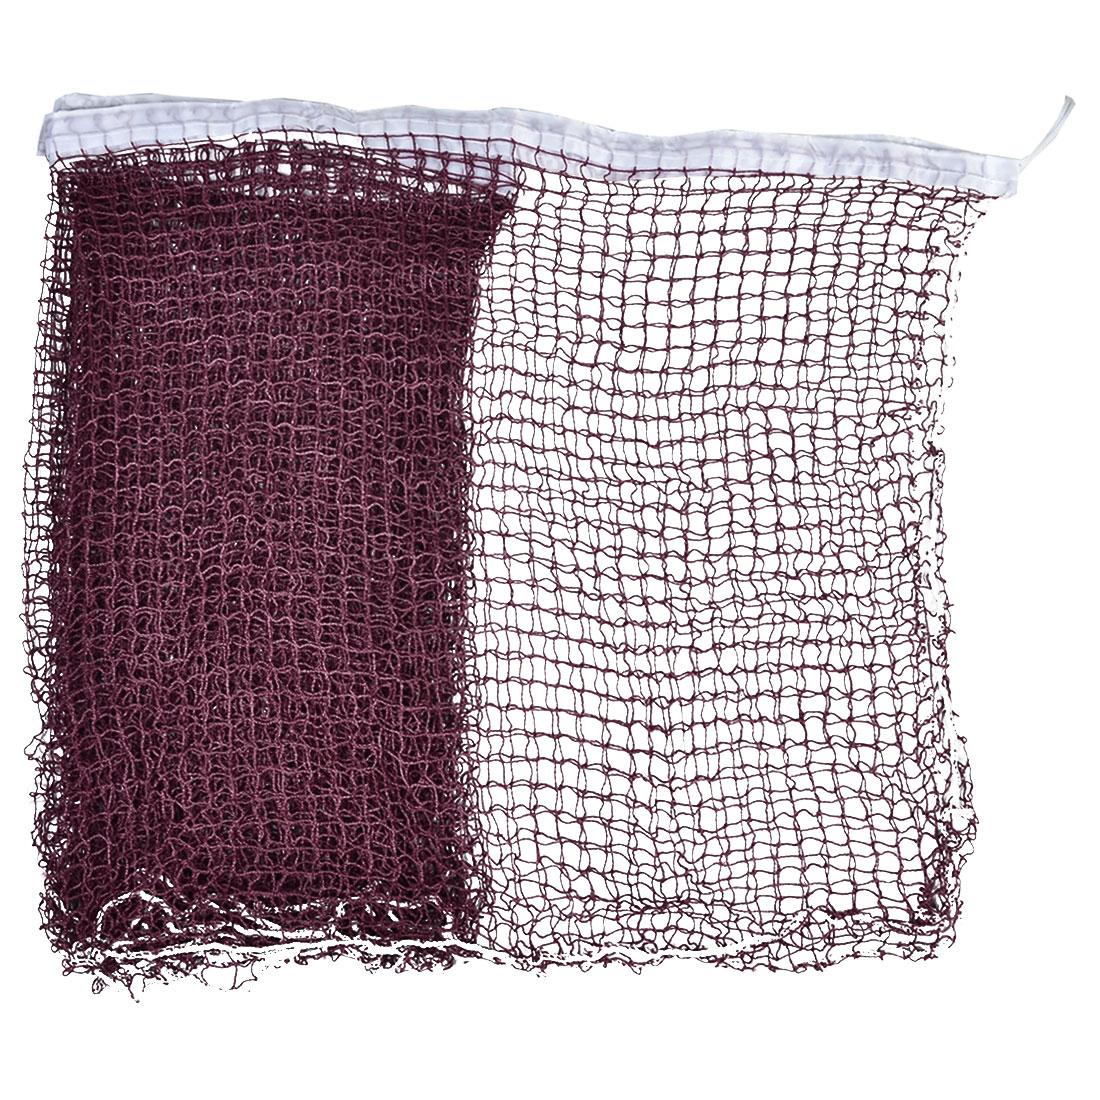 Nylon Braided Mesh Badminton Shuttlecock Net White Trim Burgundy 6M Long